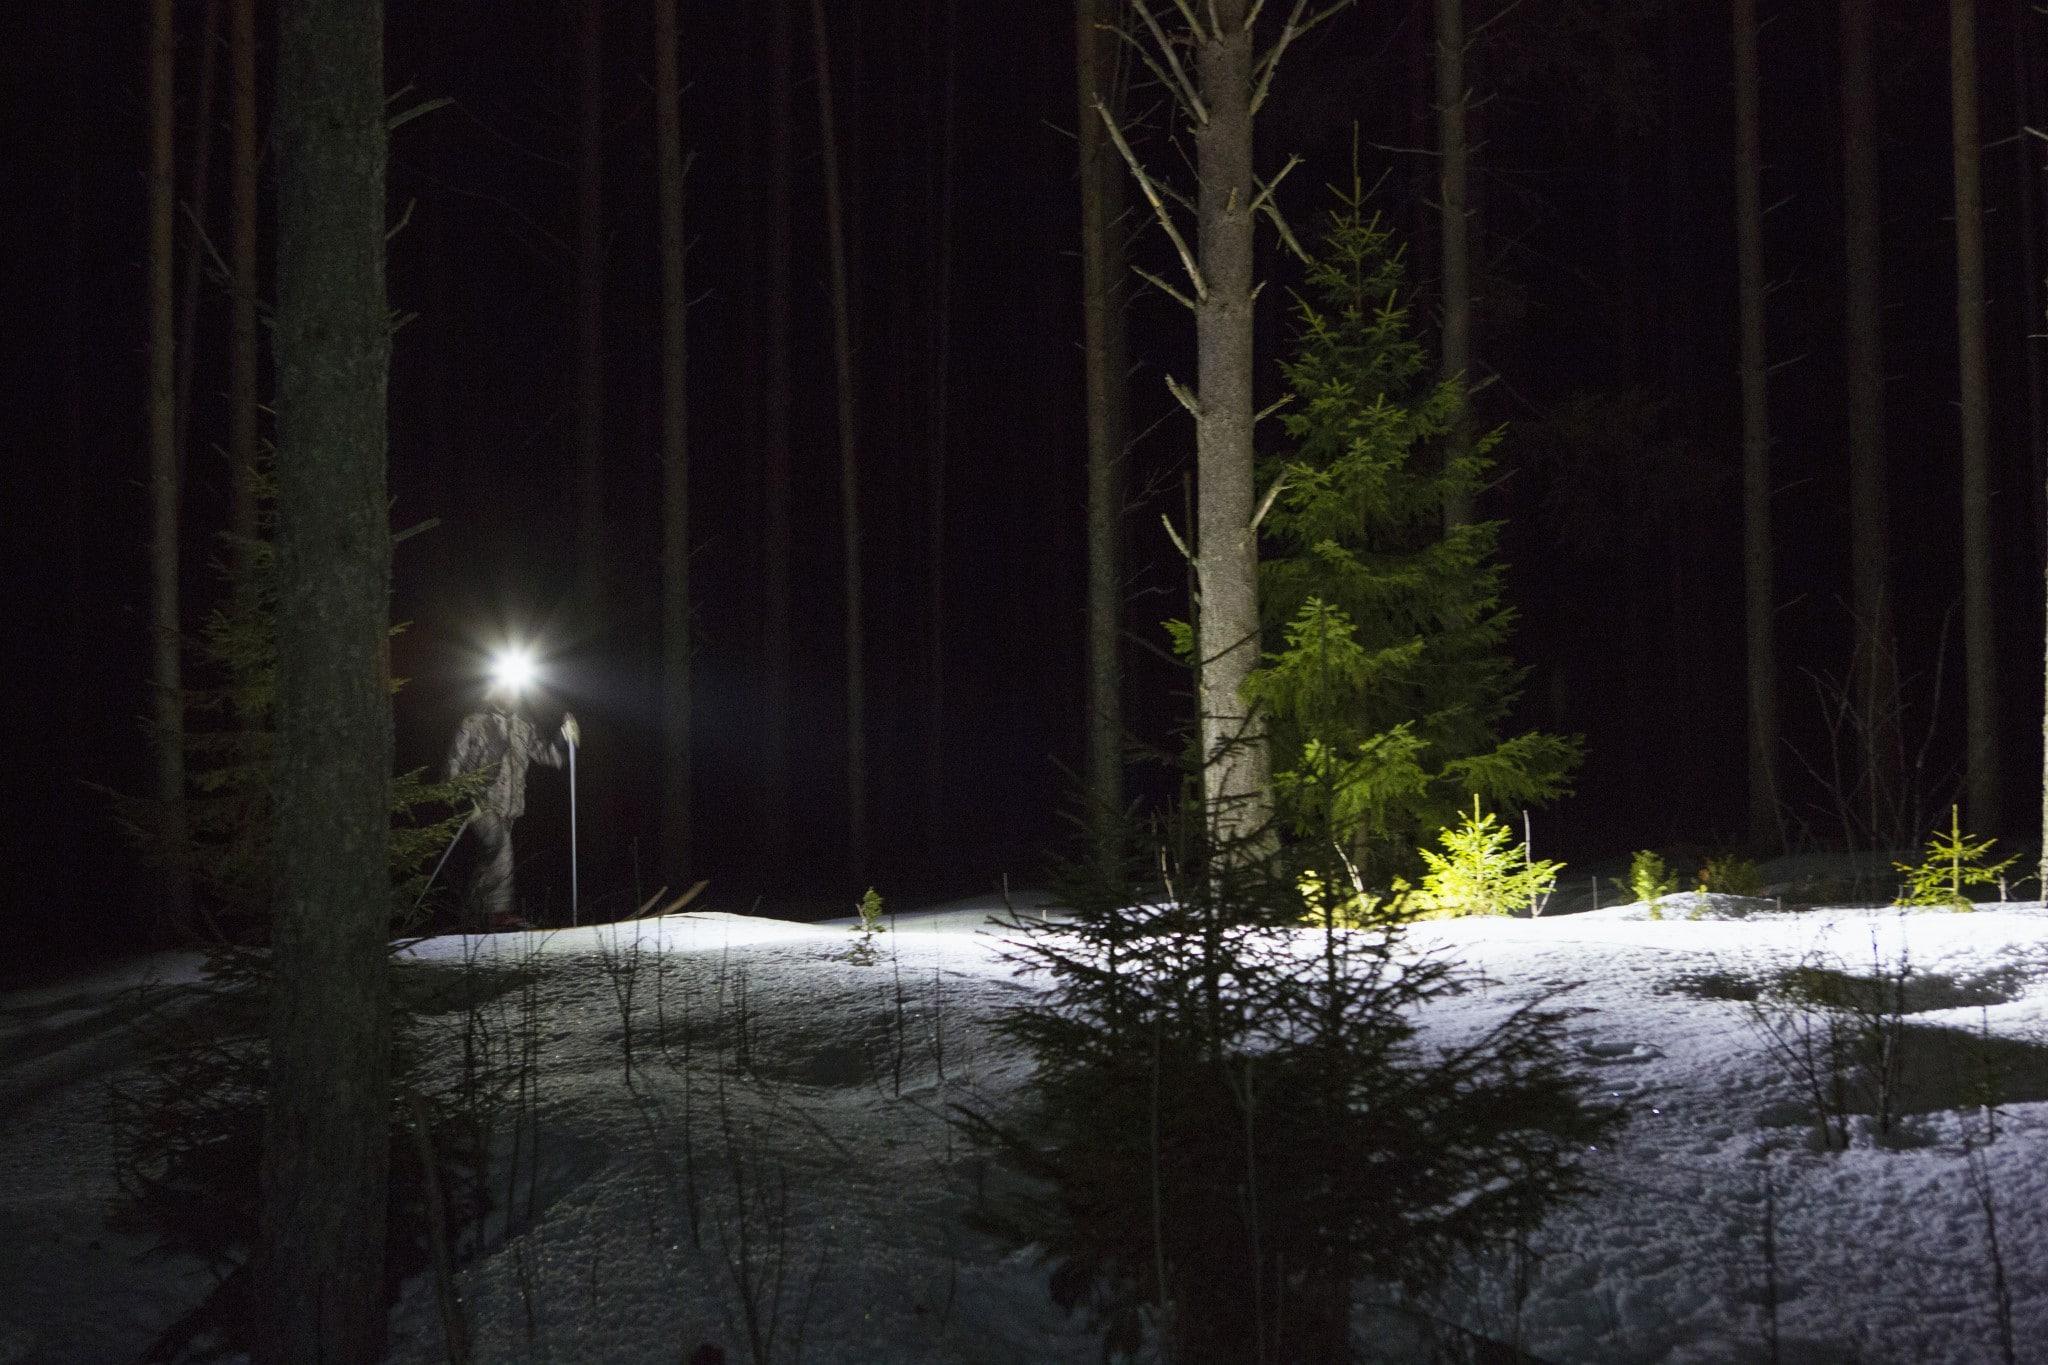 Många jägare är flitiga användare av pannlampor. Lamporna används på eftersök, men även i andra sammanhang, till exempel av jägare som ofta är kvar i skogen vid mörkrets inbrott. Foto: Ulf Lindroth